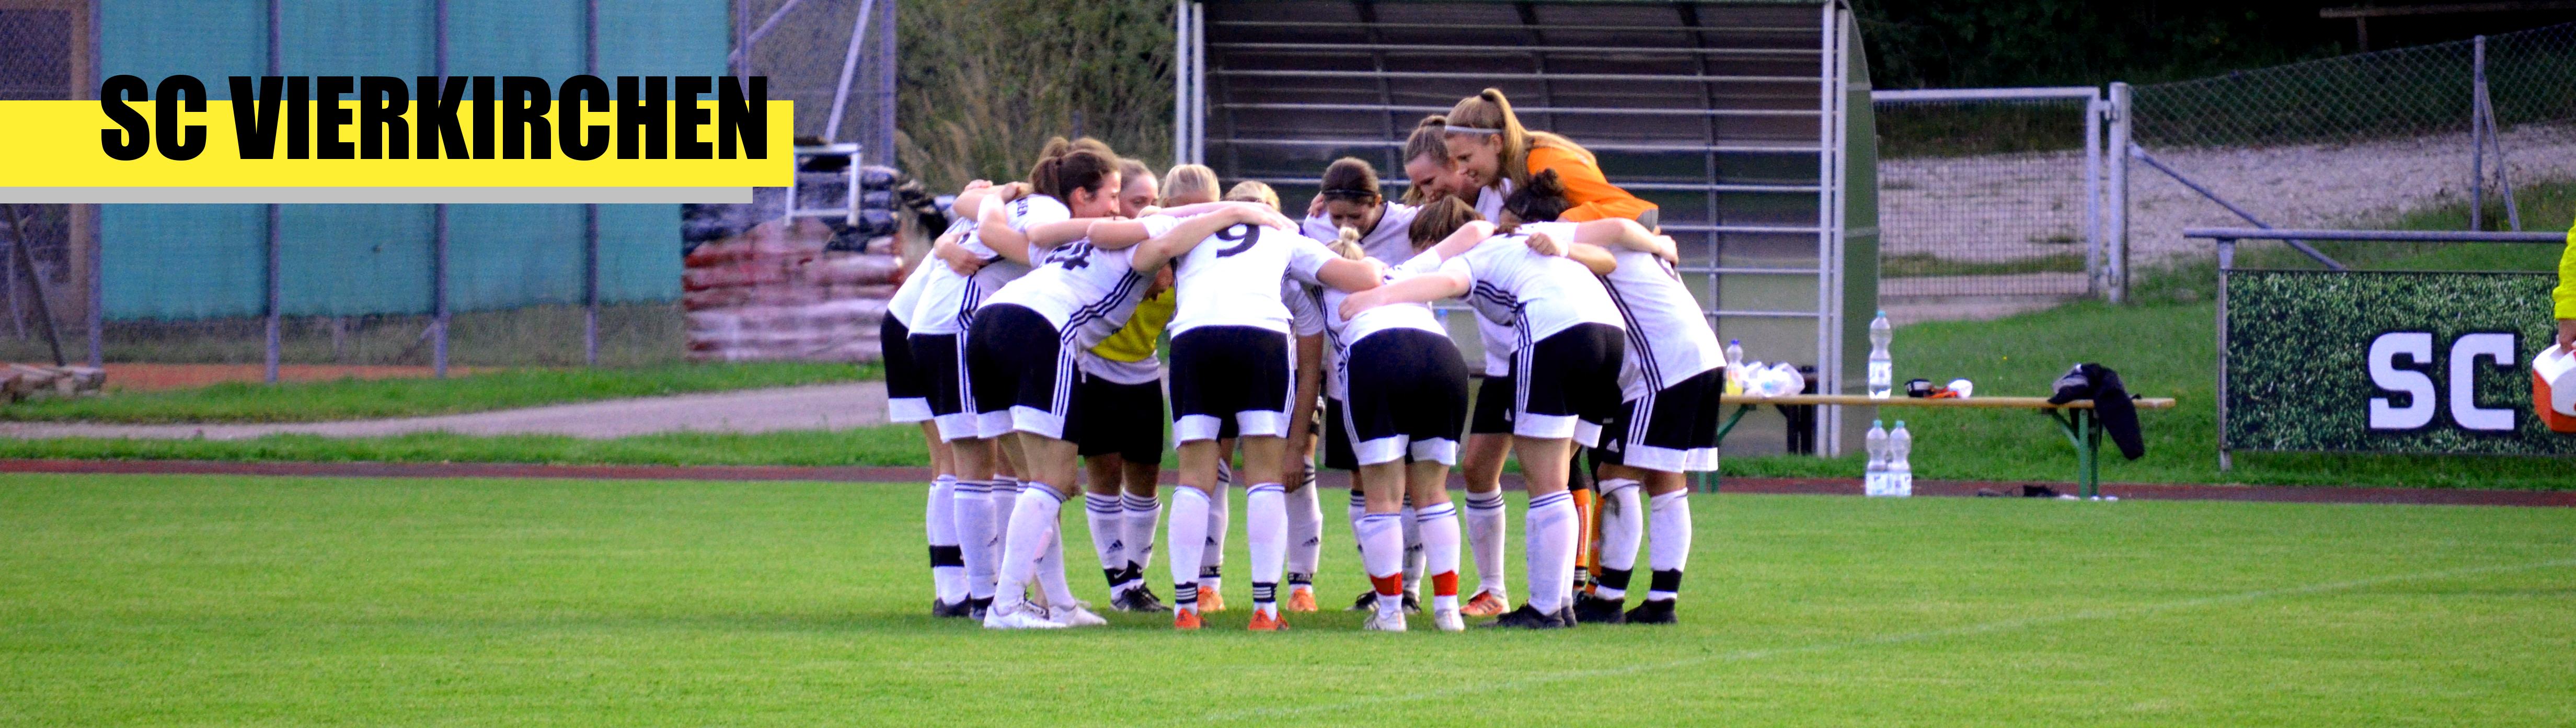 SC Vierkirchen Frauenfußball